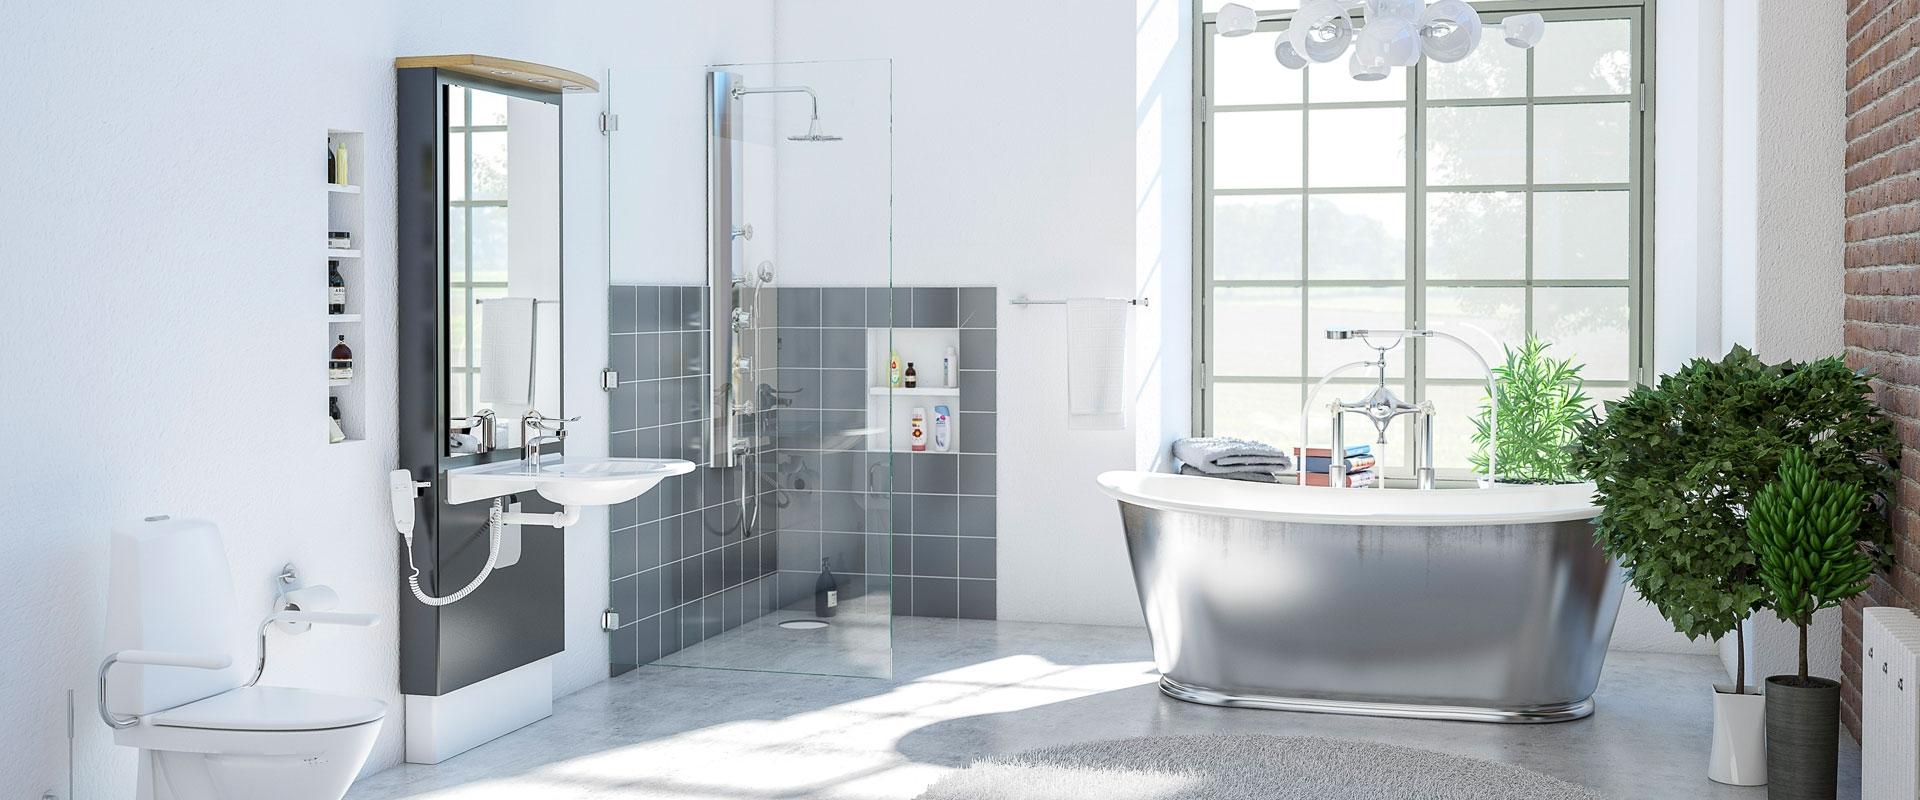 Elektriskt höj- och sänkbara tvättställ